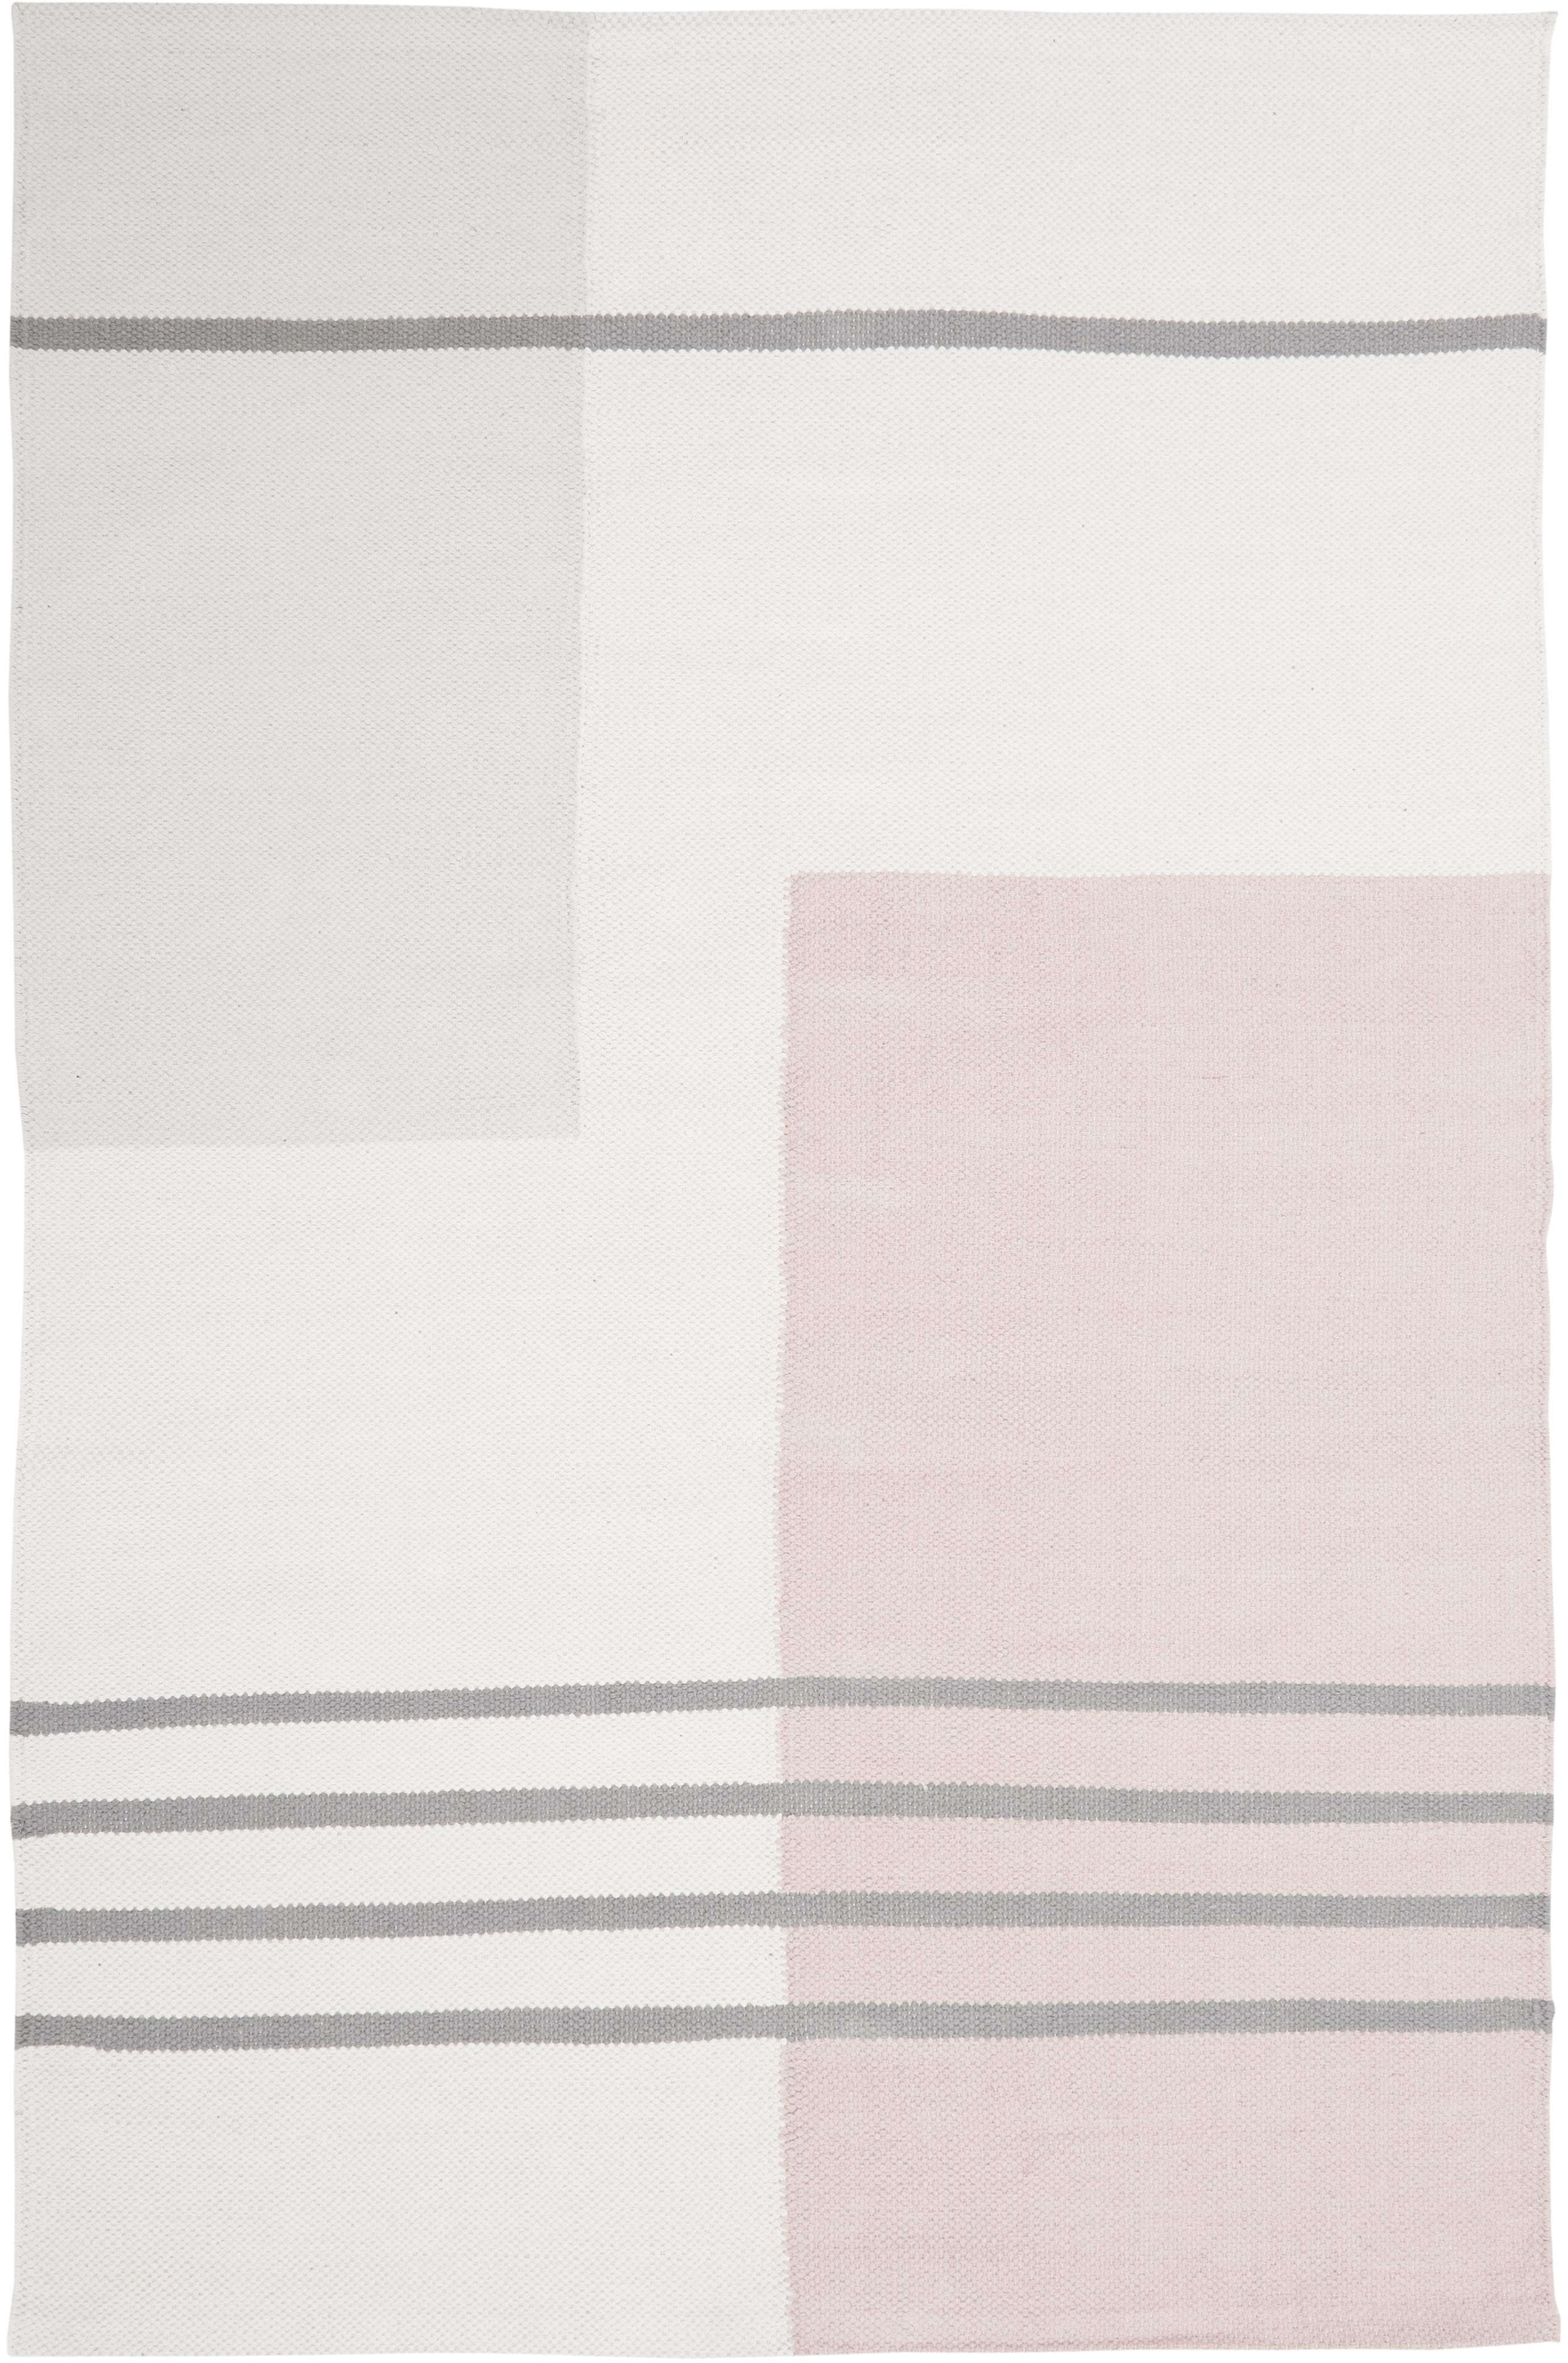 Flachgewebter Baumwollteppich Georgio mit grafischem Muster, 100% Baumwolle, Grau, Beige, Rosa, B 120 x L 180 cm (Grösse S)